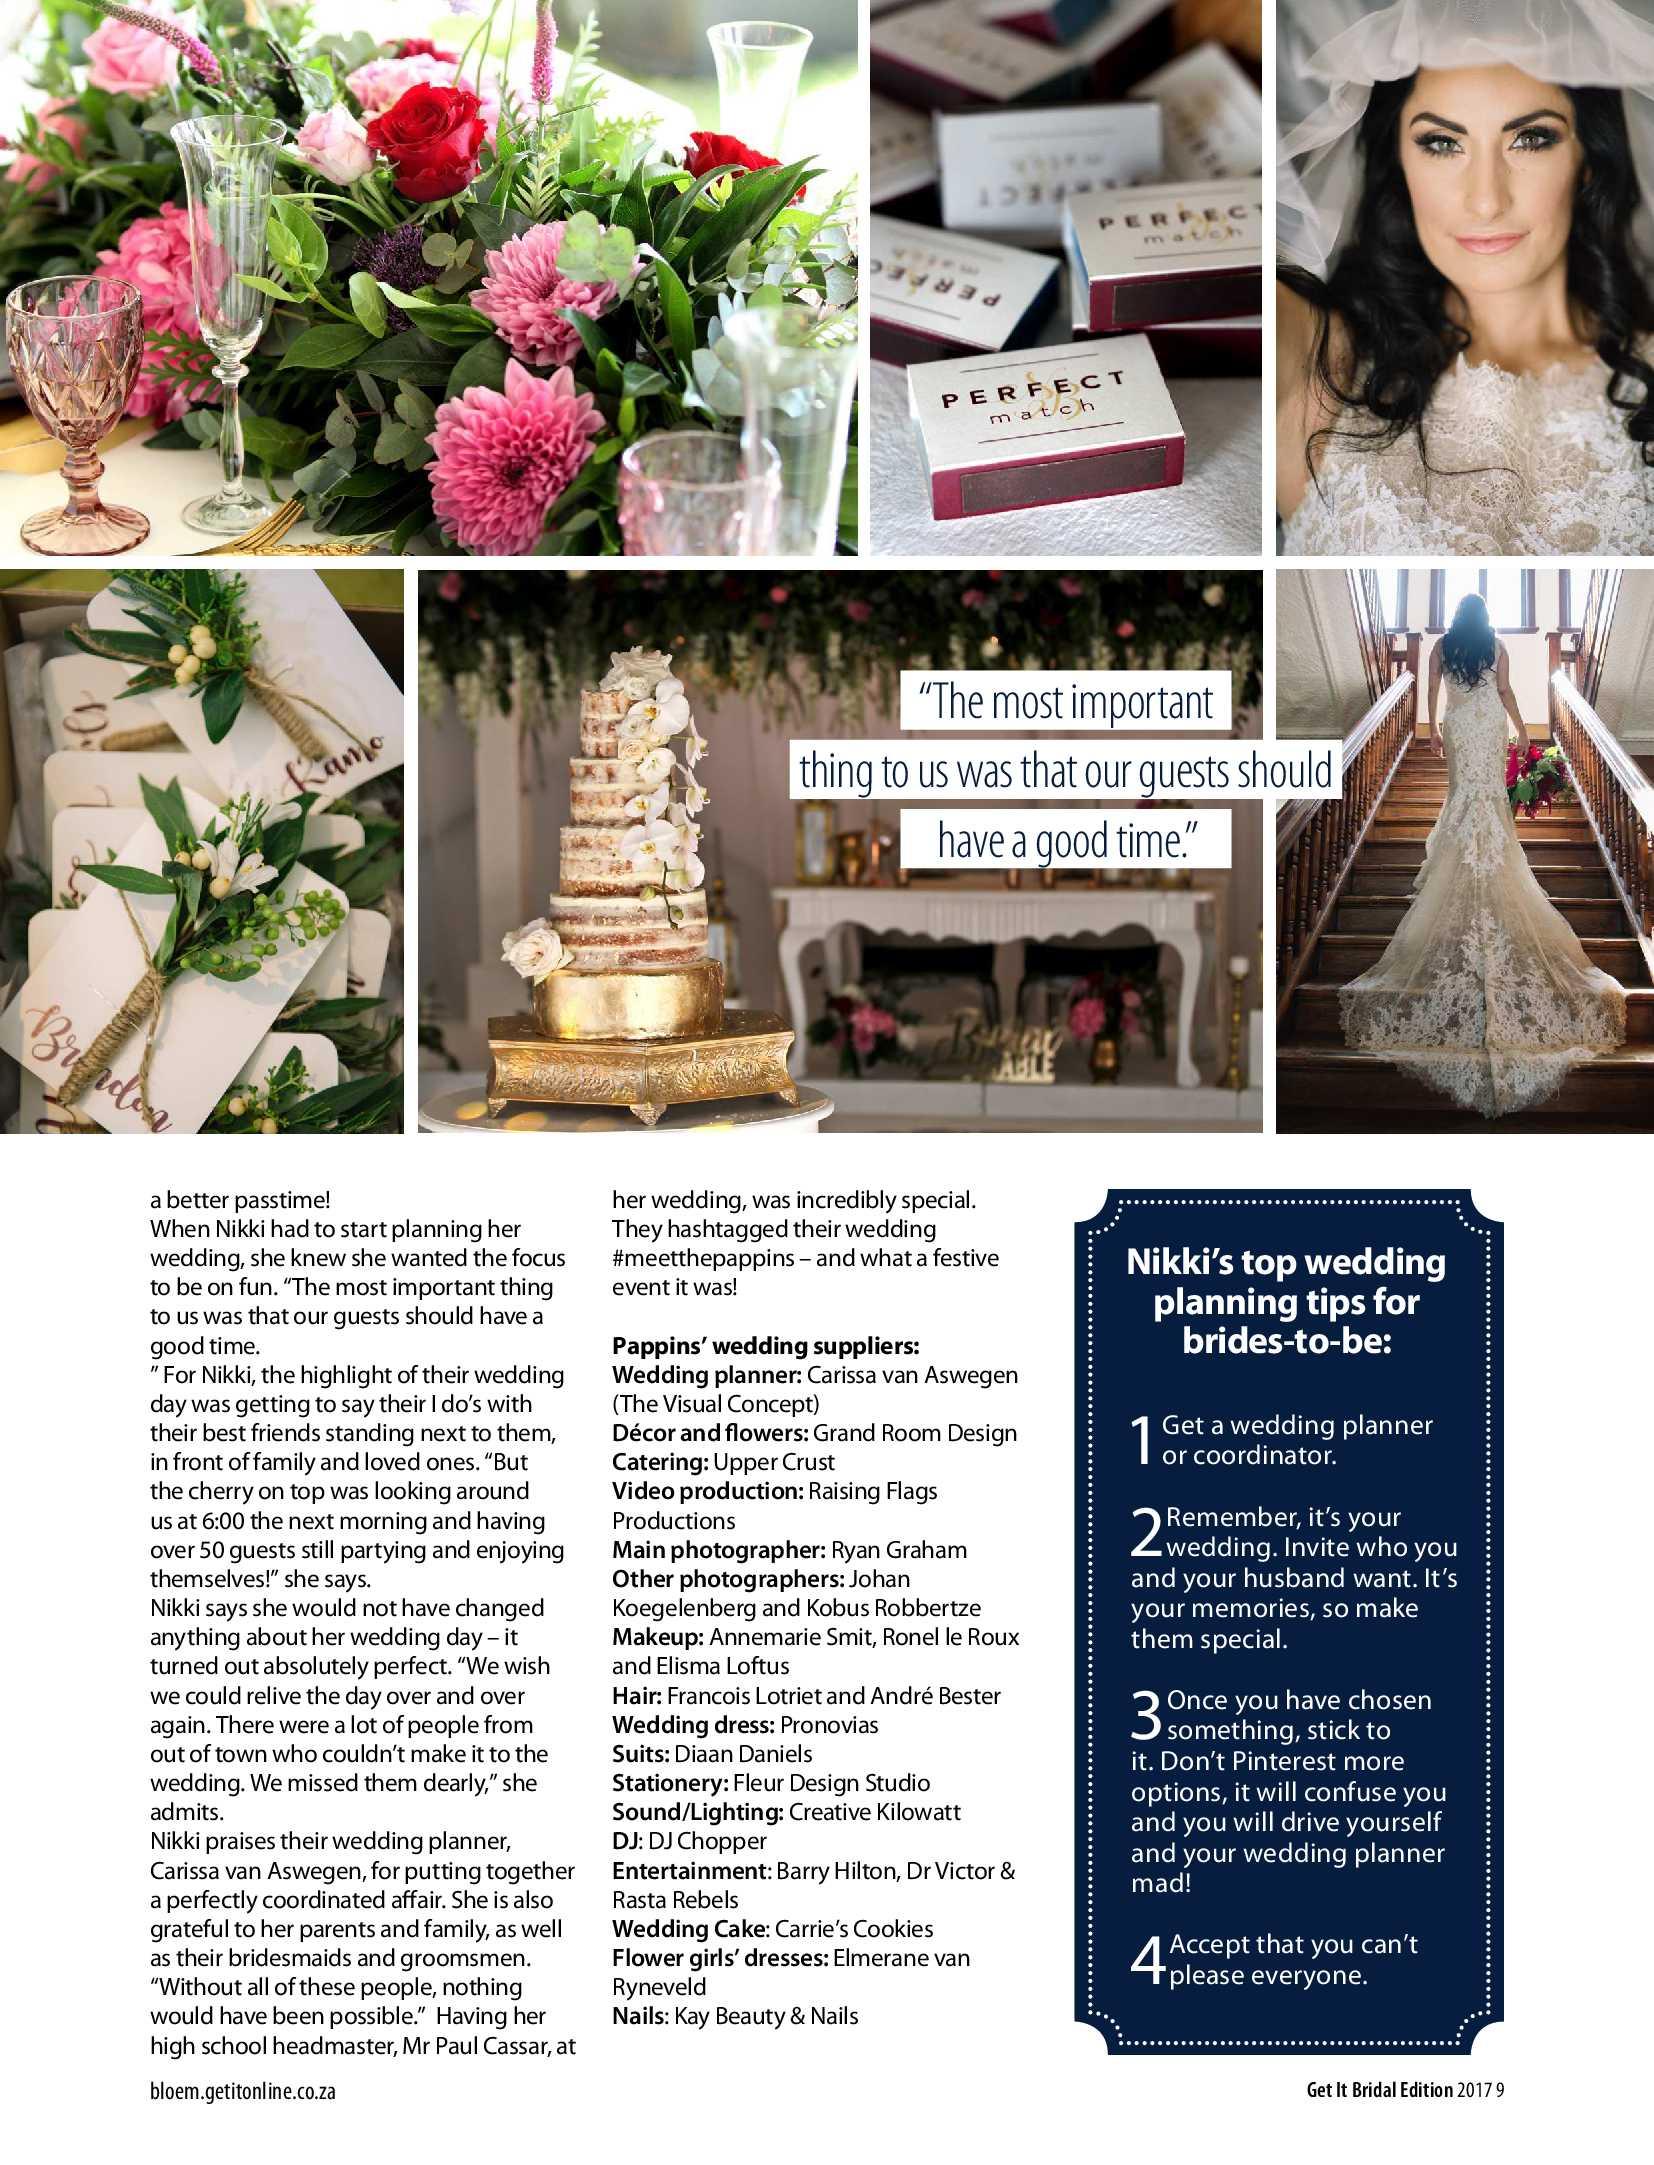 get-bloemfontein-bridal-2017-epapers-page-9